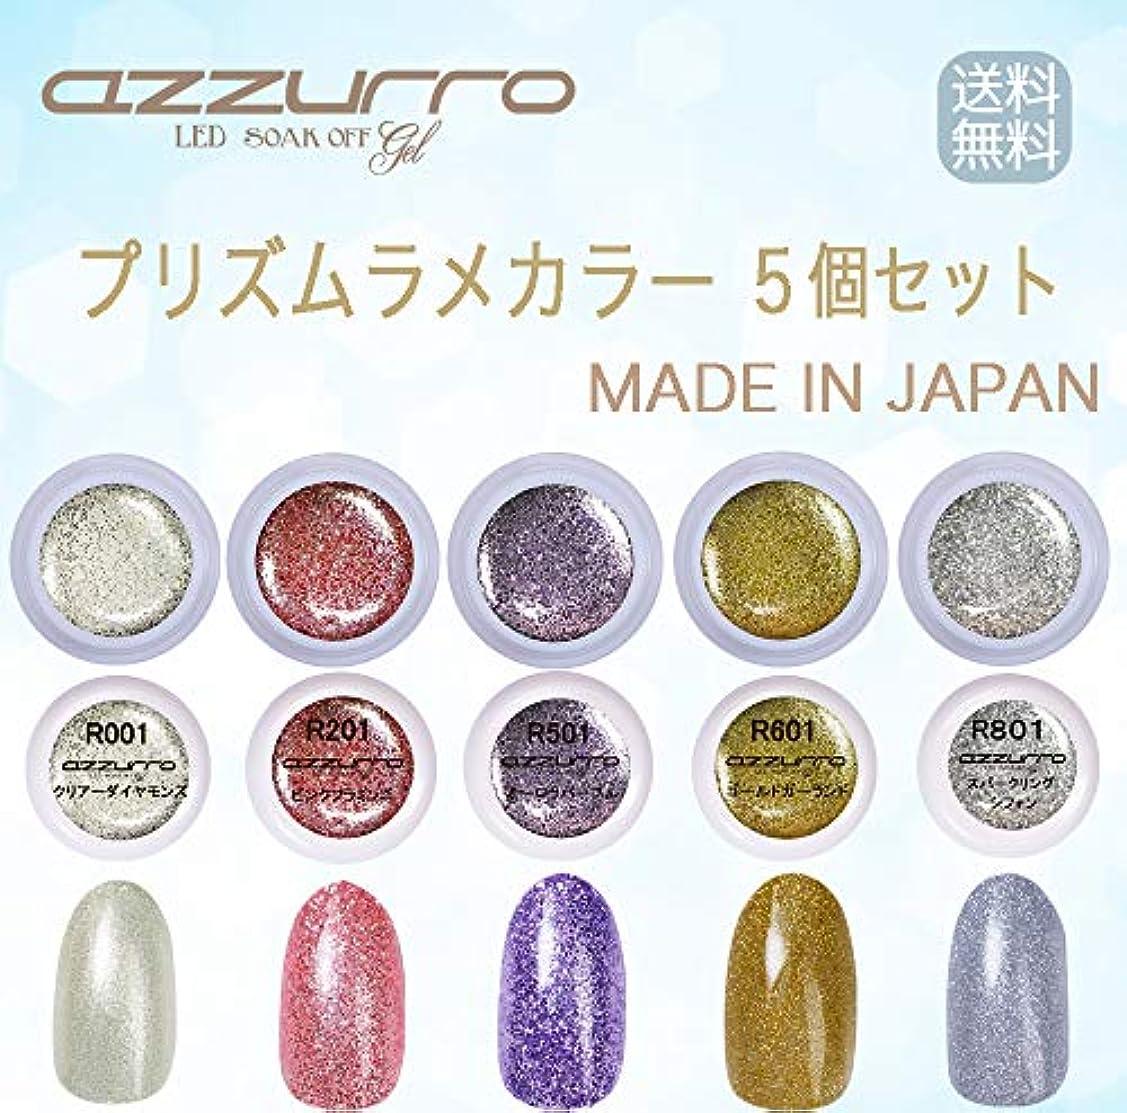 小説またねストレージ【送料無料】日本製 azzurro gel プリズムラメカラージェル5個セット キラキラネイルにぴったりなカラー